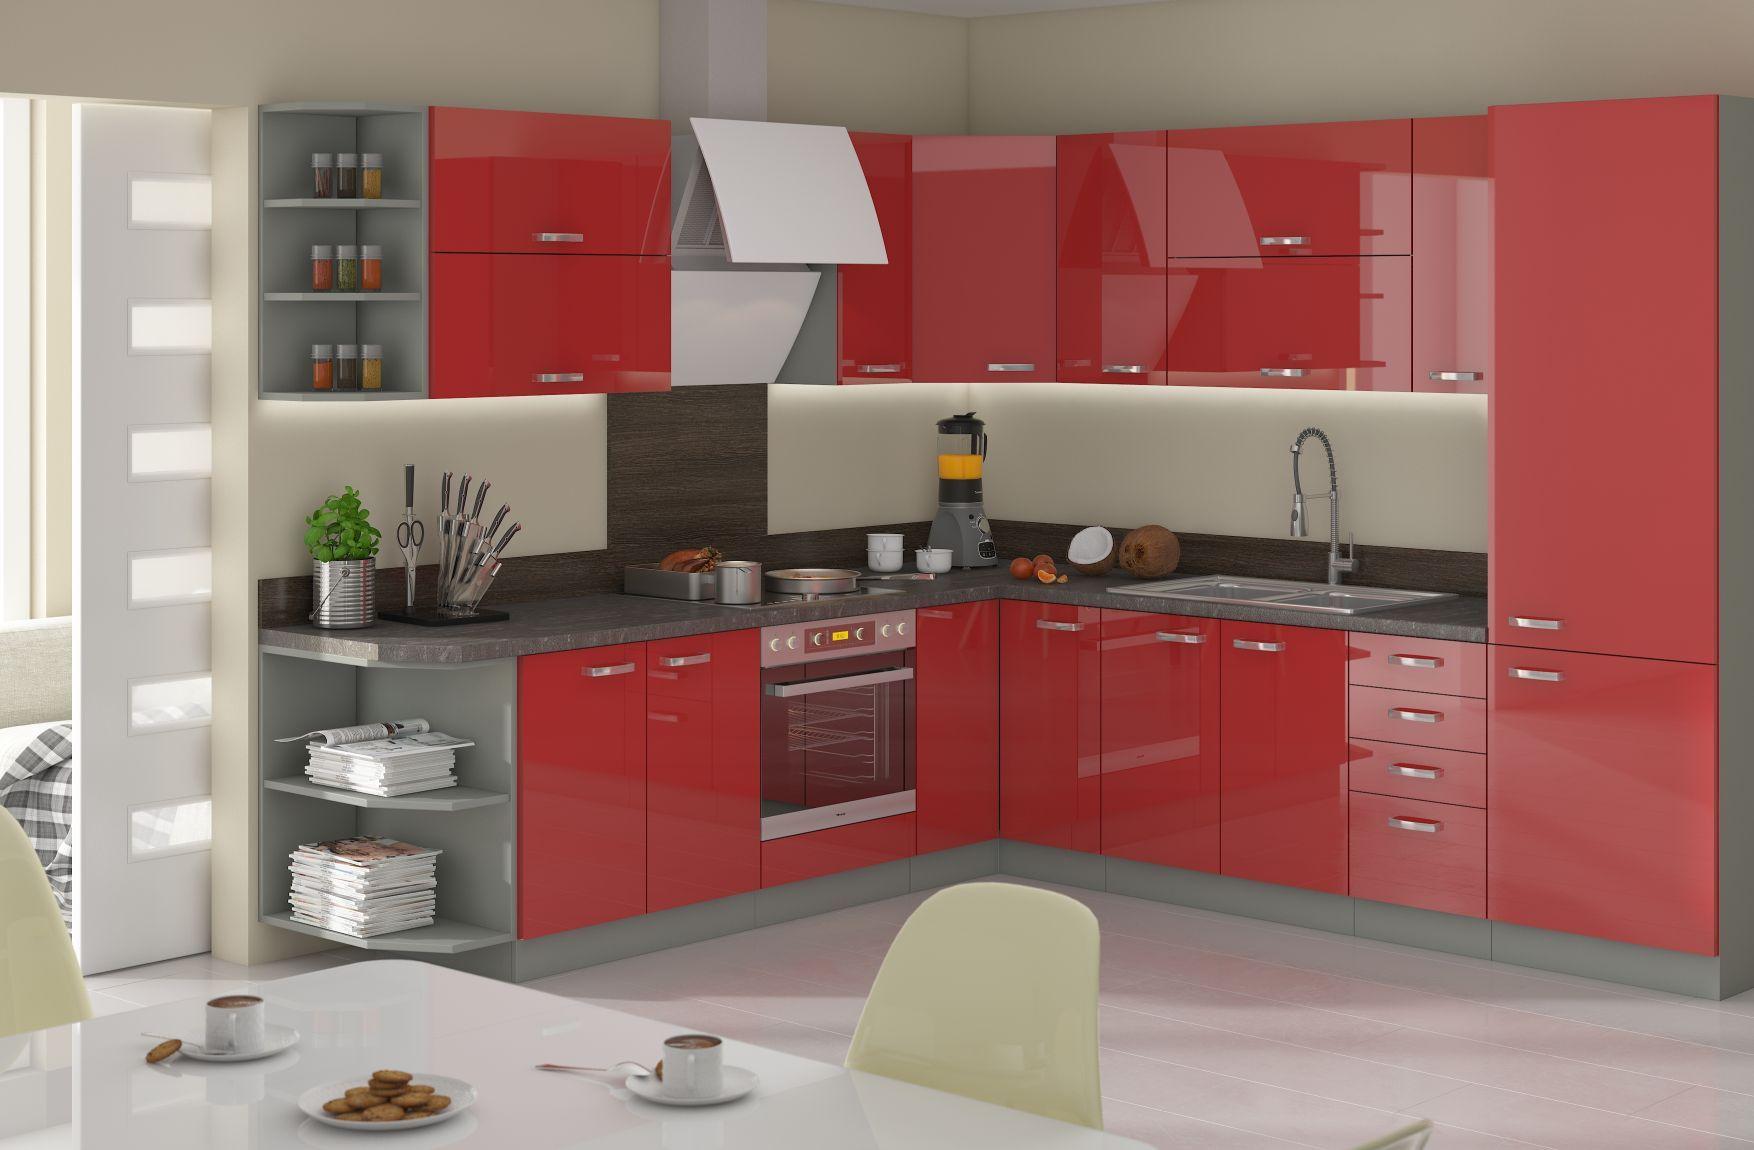 Duza Czerwona Kuchnia Siwo Czerwone Meble Kuchenne Szaro Czerwone Meble Kuchenne Szaro Czerwona Kuchnia Small Kitchen Storage Kitchen Sets Kitchen Furniture